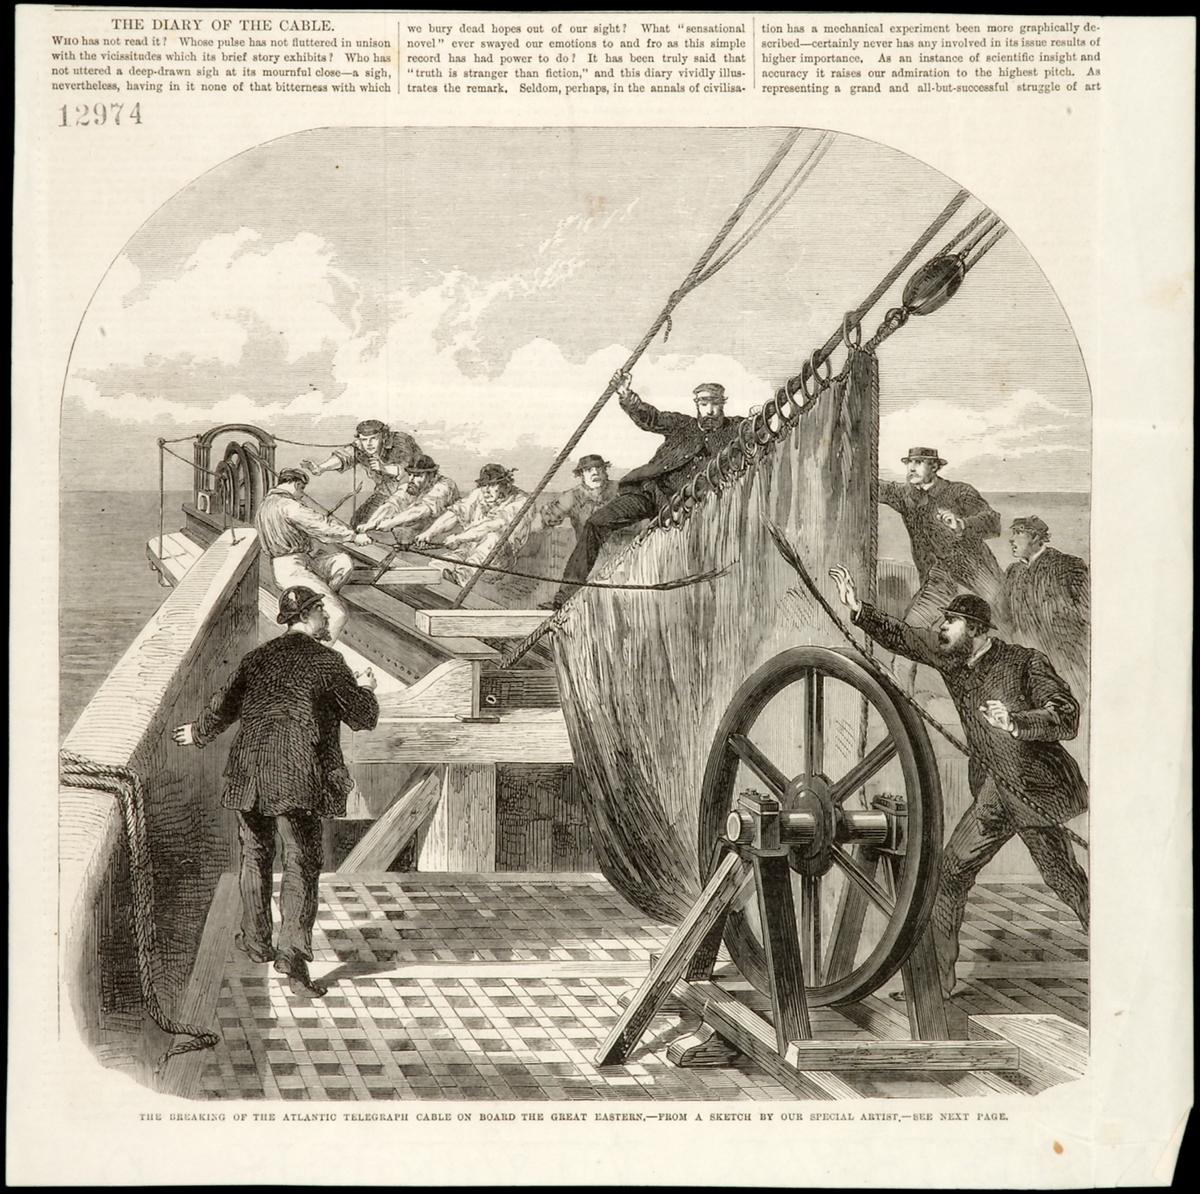 Ombord på kabelfartyget Great Eastern följde en journalist och en tecknare det svåra arbetet att lägga telegrafkabeln. Här är en ögonblicksbild från den 2 augusti 1865 då man upptäckt att kabeln brustit  The Illustrated London News i augusti 1865